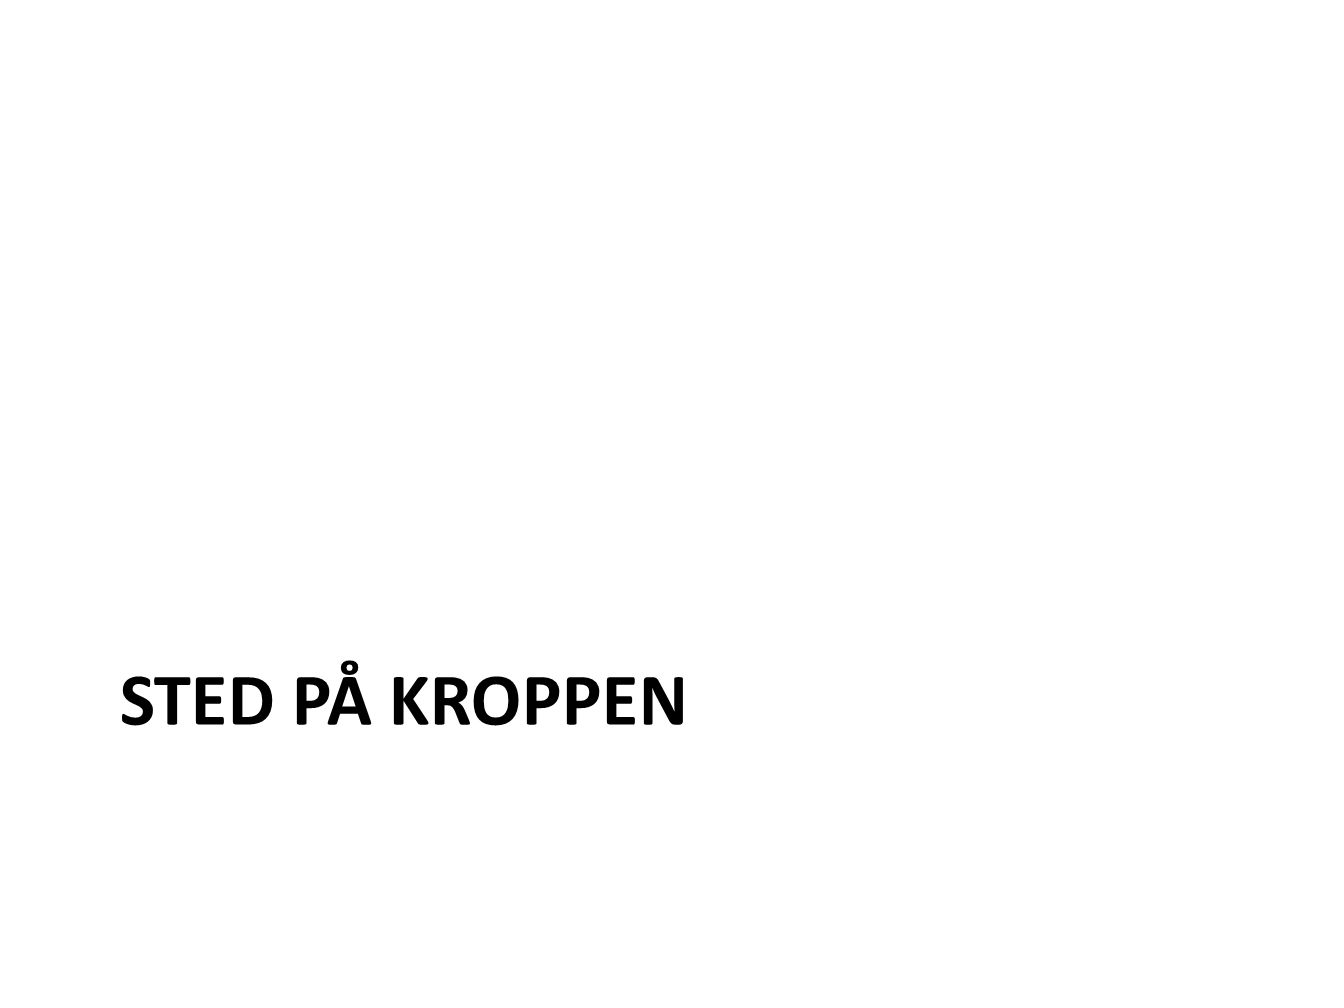 STED PÅ KROPPEN